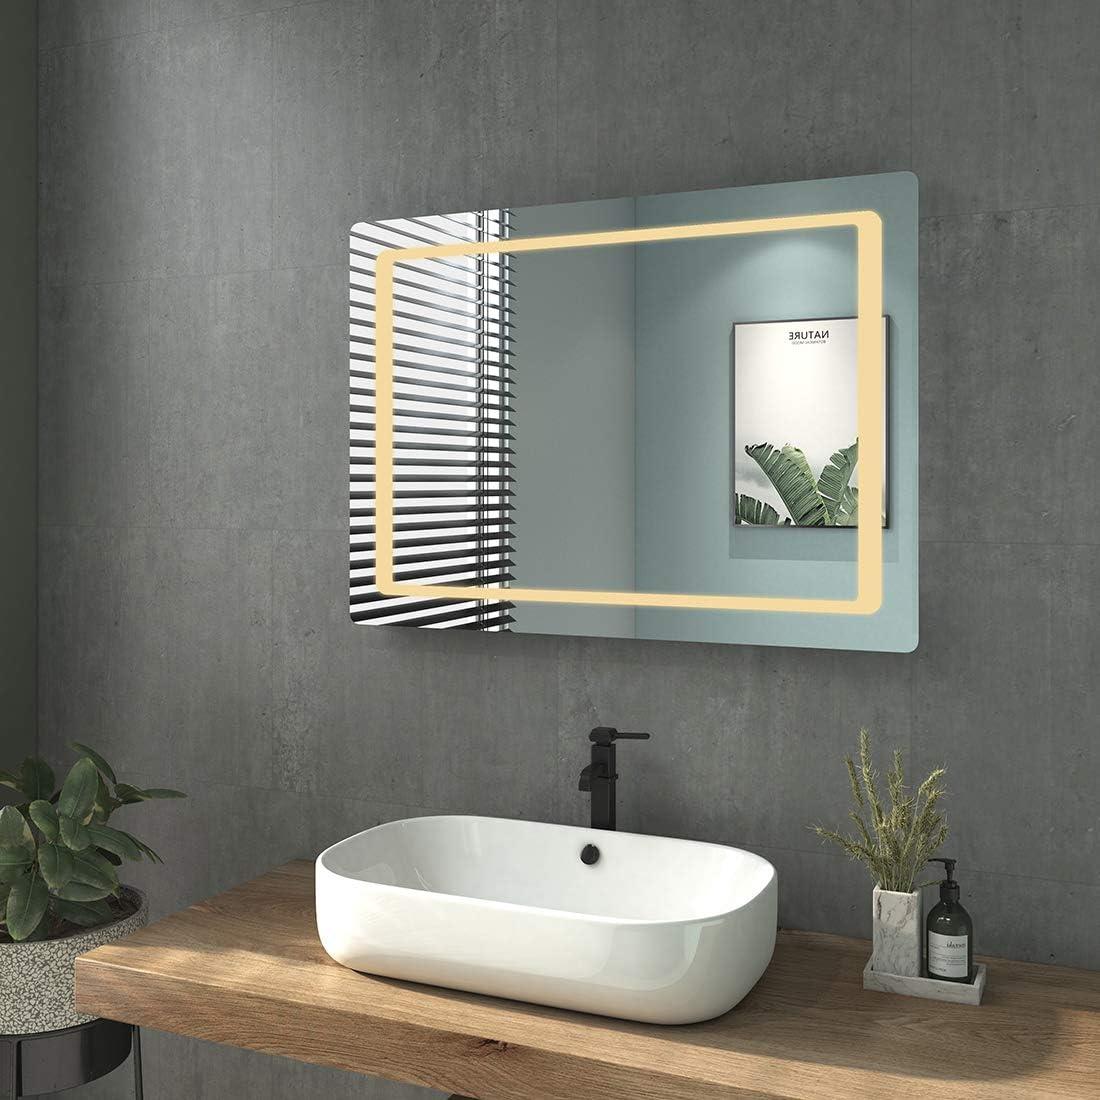 Horizontal Montage IP44 Energiesparend Energieklass A++ WELMAX Badezimmerspiegel LED Badspiegel mit Beleuchtung 80x60 cm Kaltwei/ß Lichtspiegel Wandspiegel mit Sensorschalter